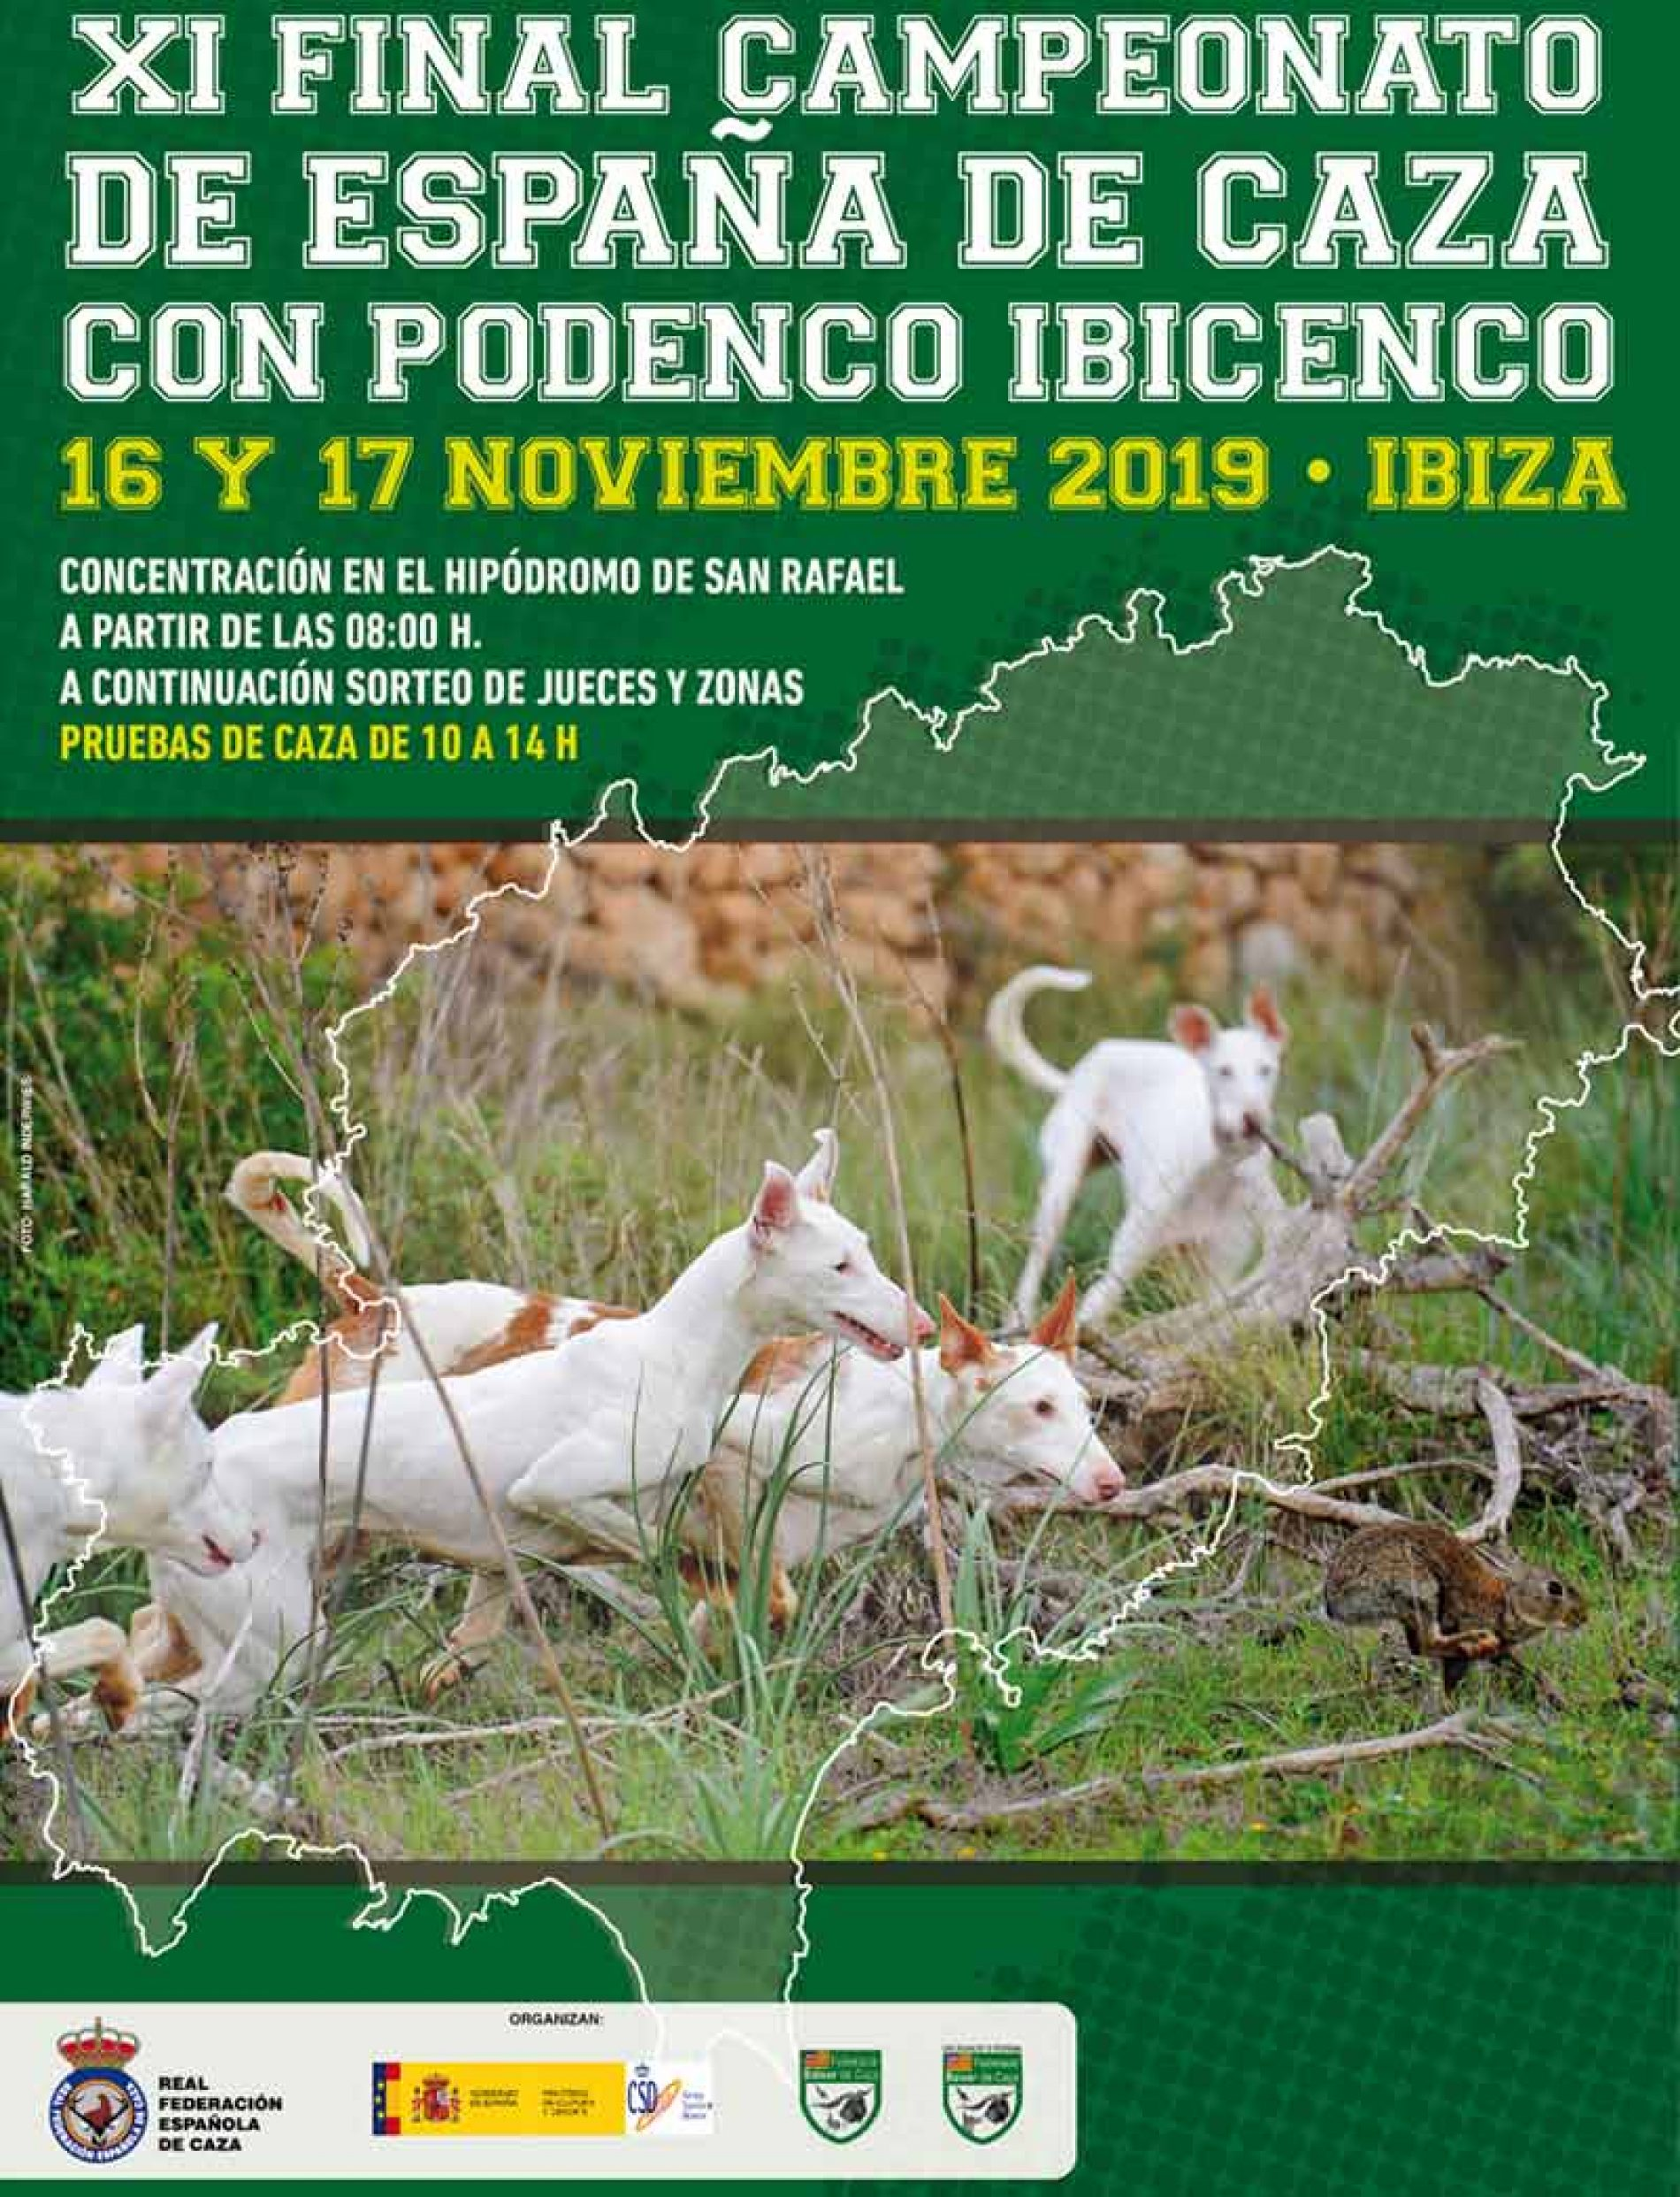 Abierto el plazo de inscripción para el XI Campeonato de España de Caza con Podenco Ibicenco